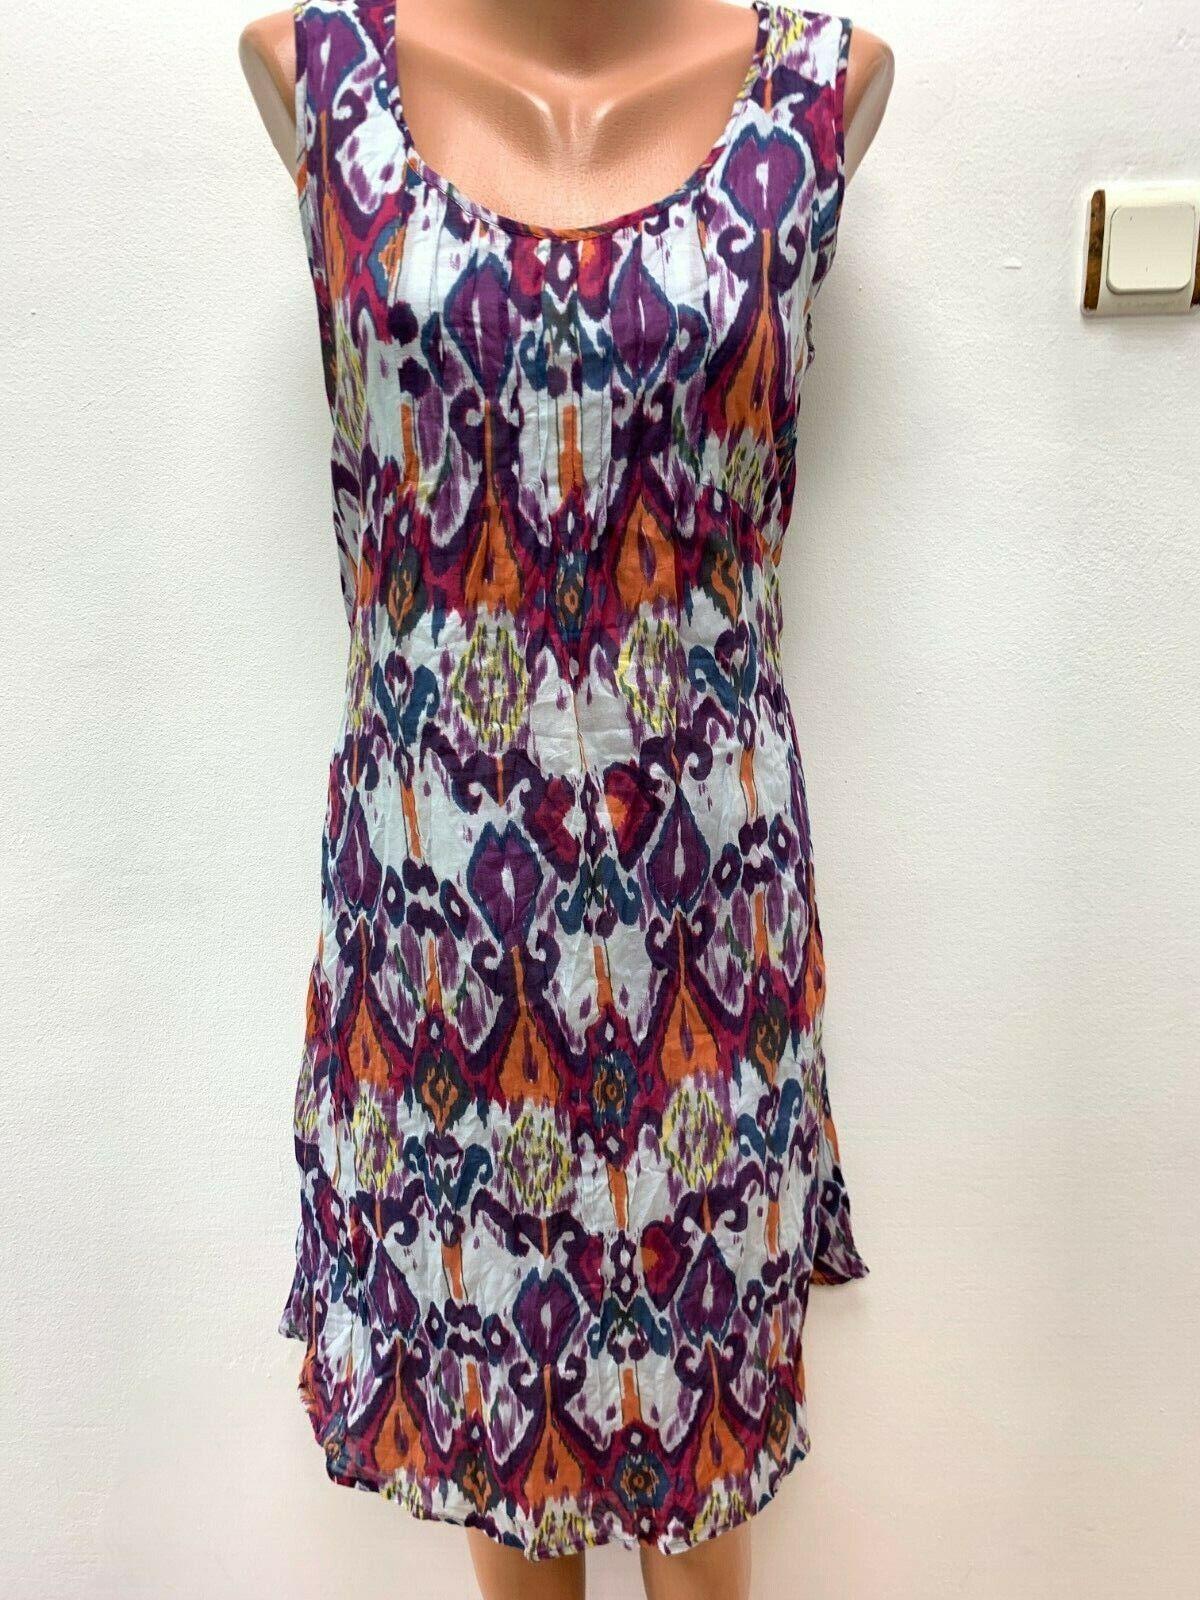 DEERBERG Gr.DE 42 - 44 Sommerkleid Kleid Mehrfarbig Midi Wadenlang